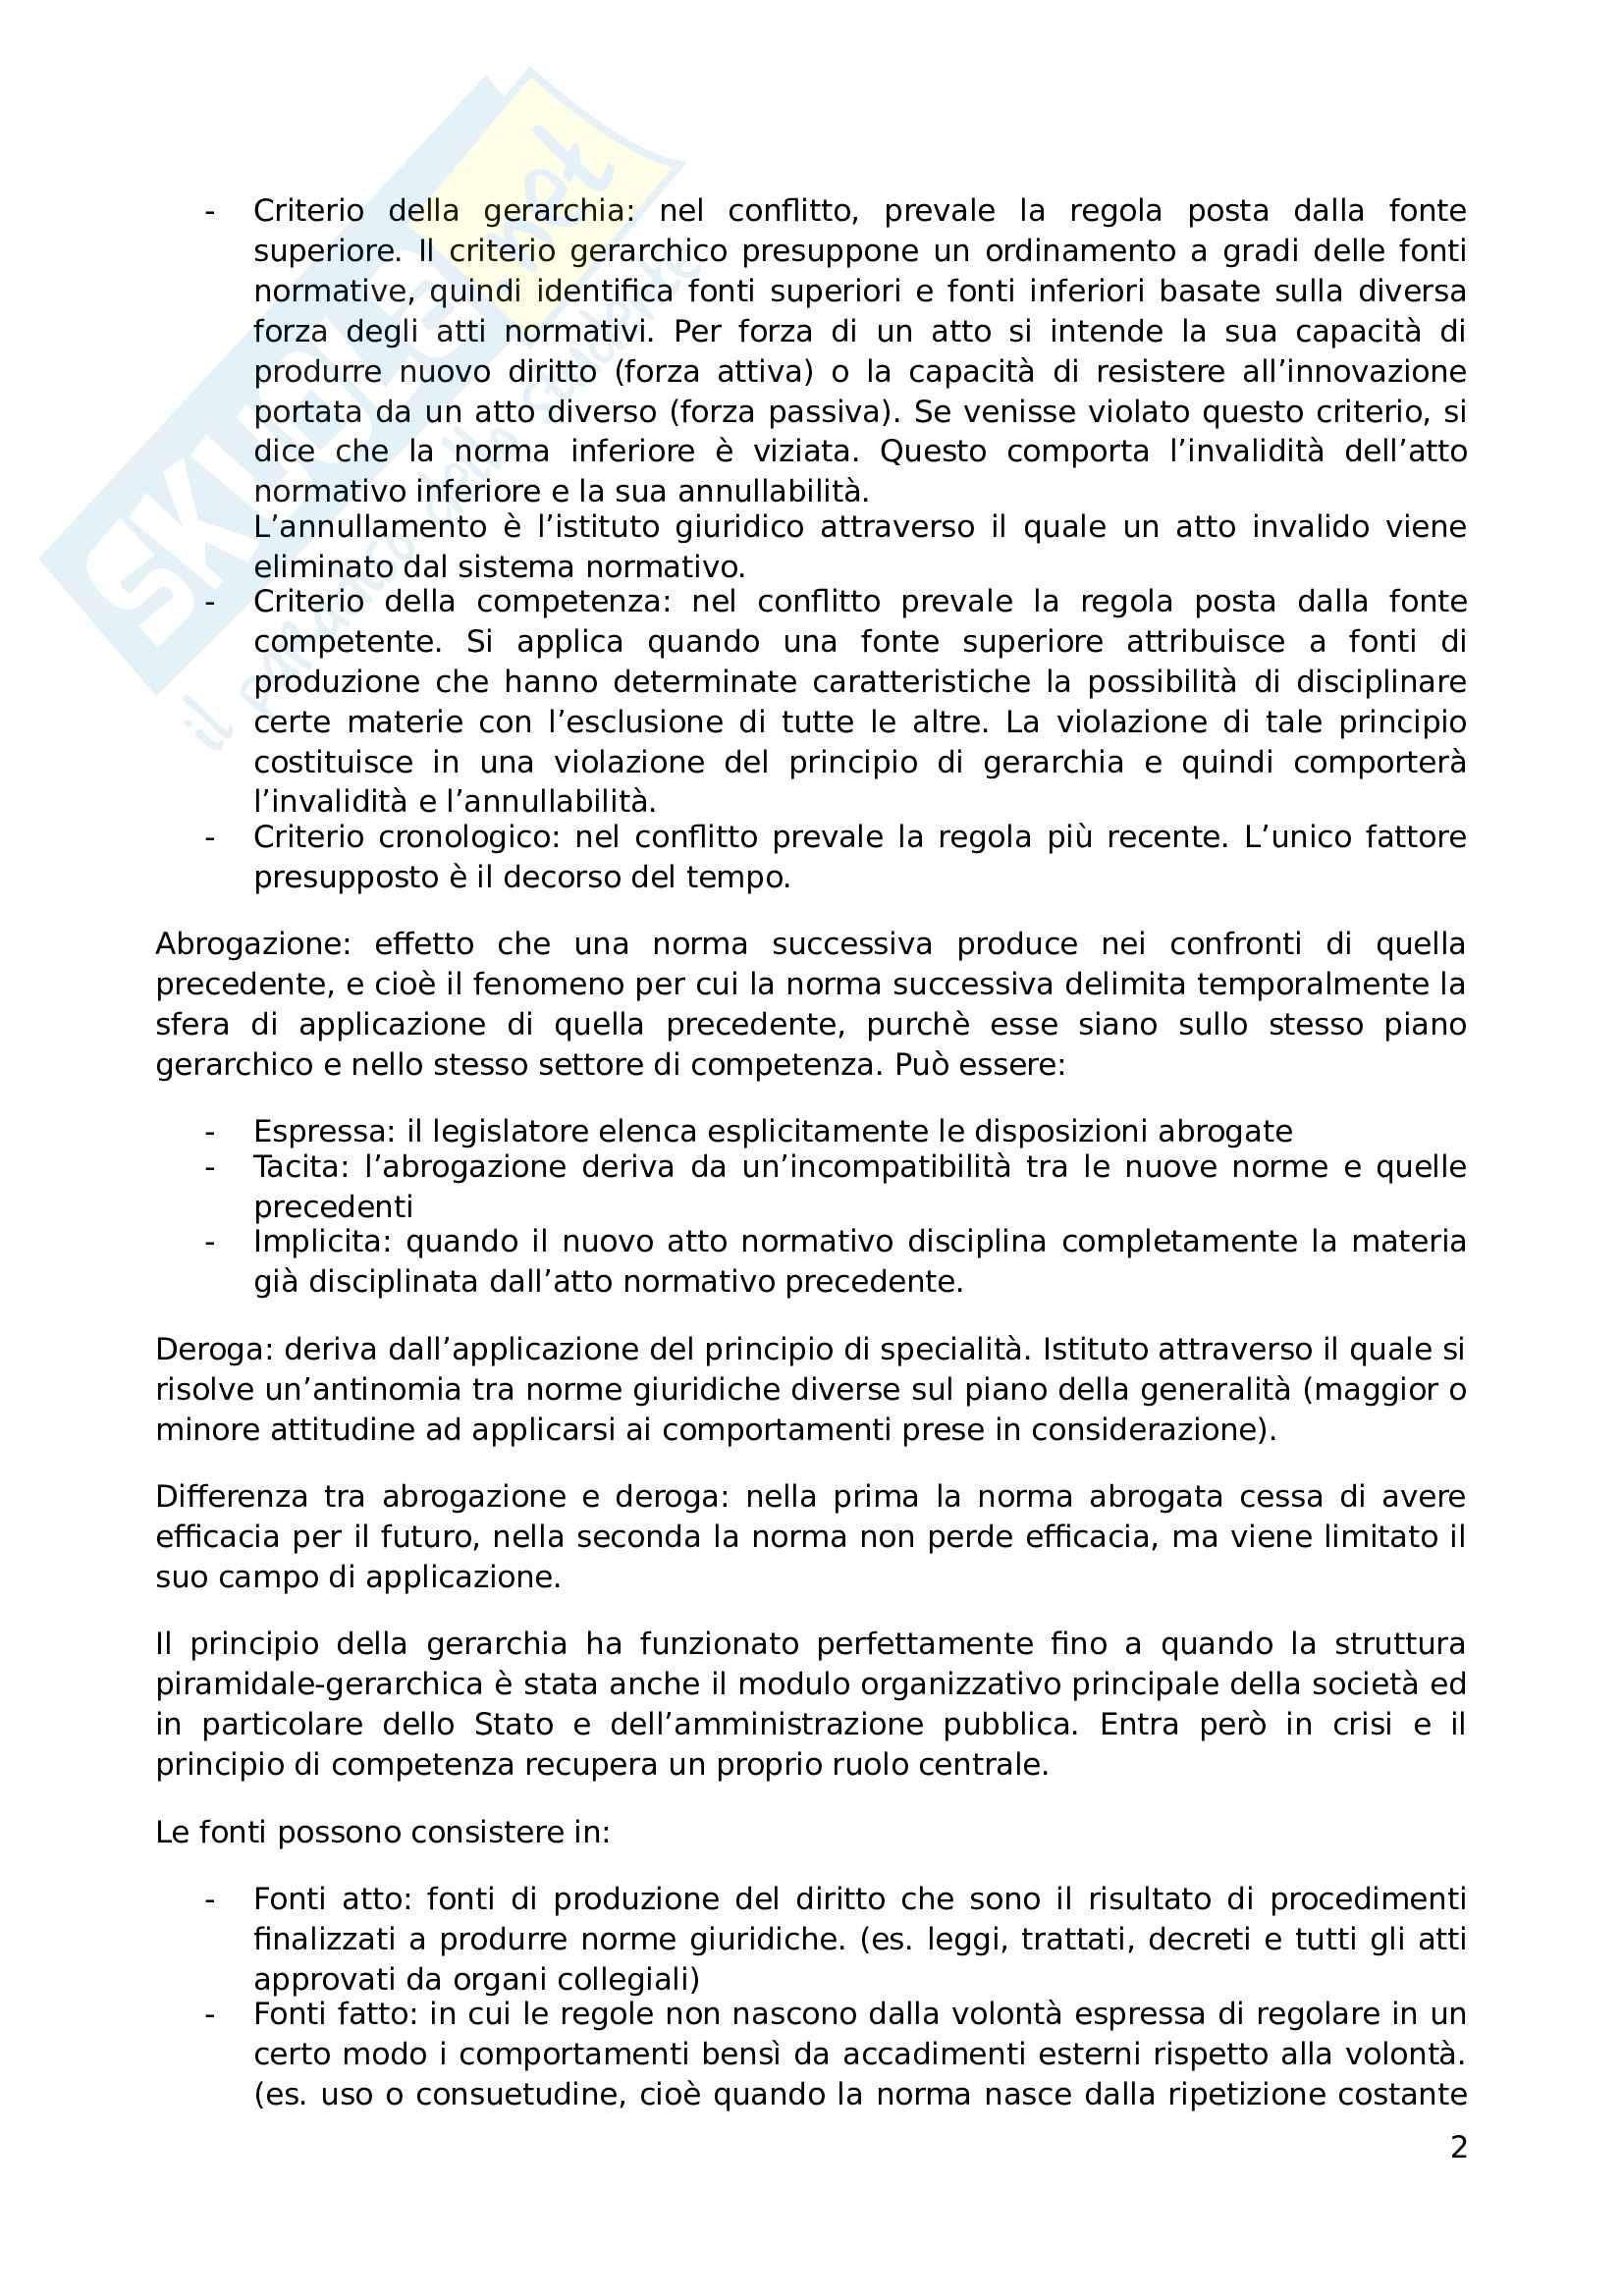 """Riassunto esame, Prof. Andrea Simoncini, libro consigliato """"Introduzione allo studio del diritto pubblico e delle sue fonti"""" Pag. 2"""